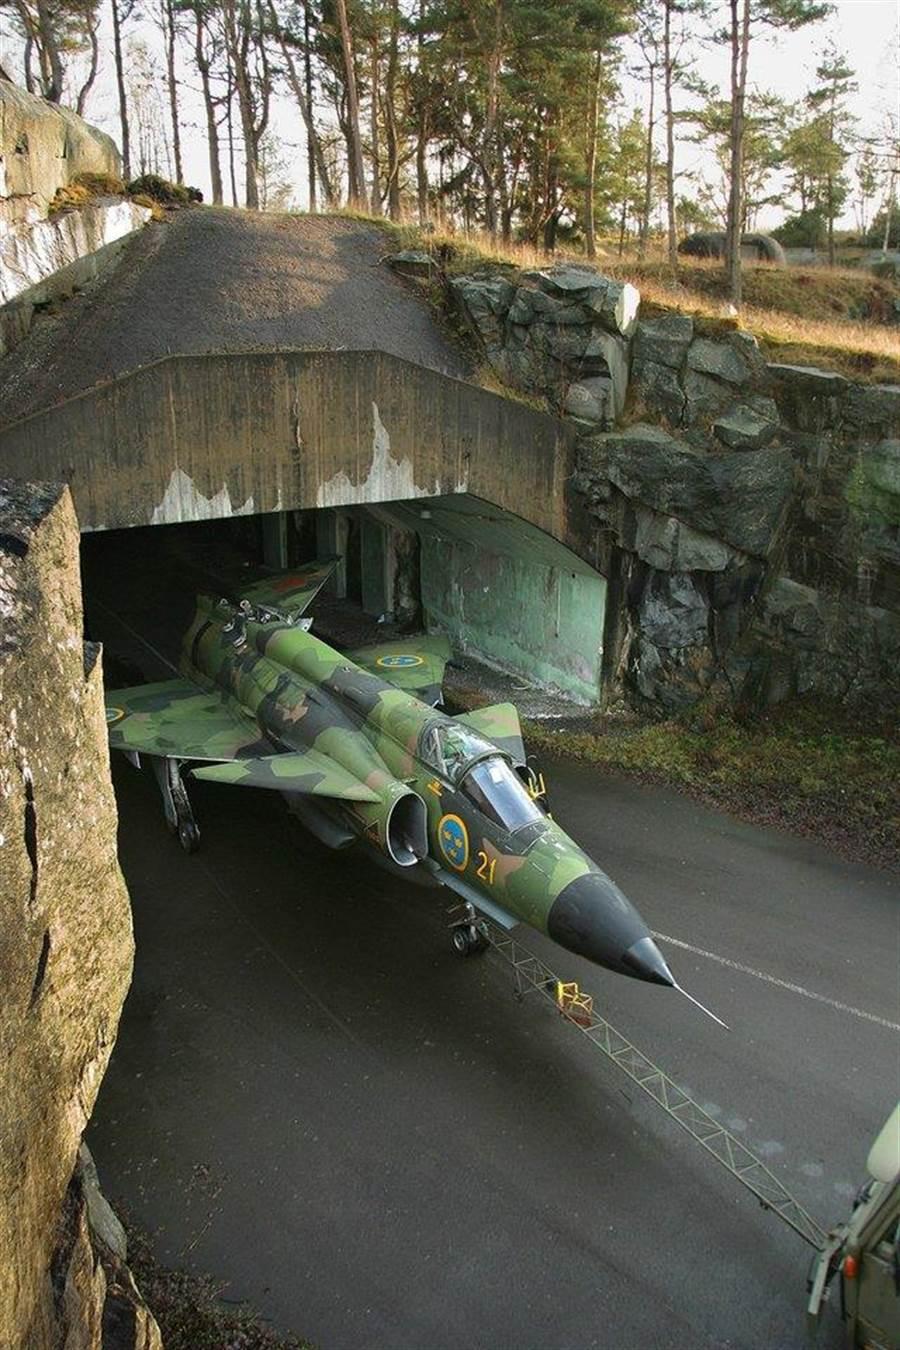 從臨時機庫出擊的JA-37,它的垂直尾翼是攤平的。(圖/reddit)